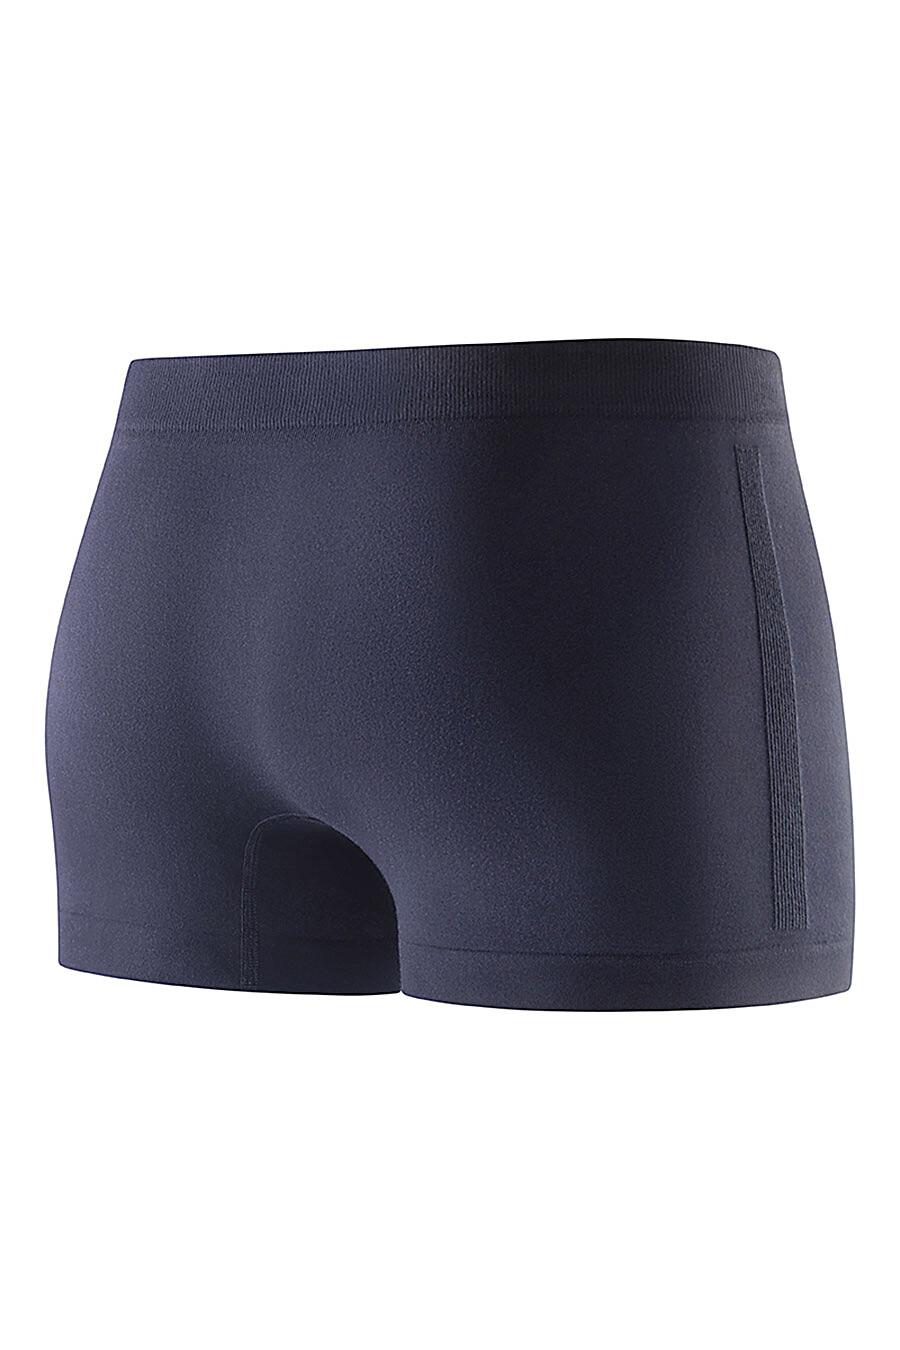 Трусы для мужчин TEKSA 218711 купить оптом от производителя. Совместная покупка мужской одежды в OptMoyo